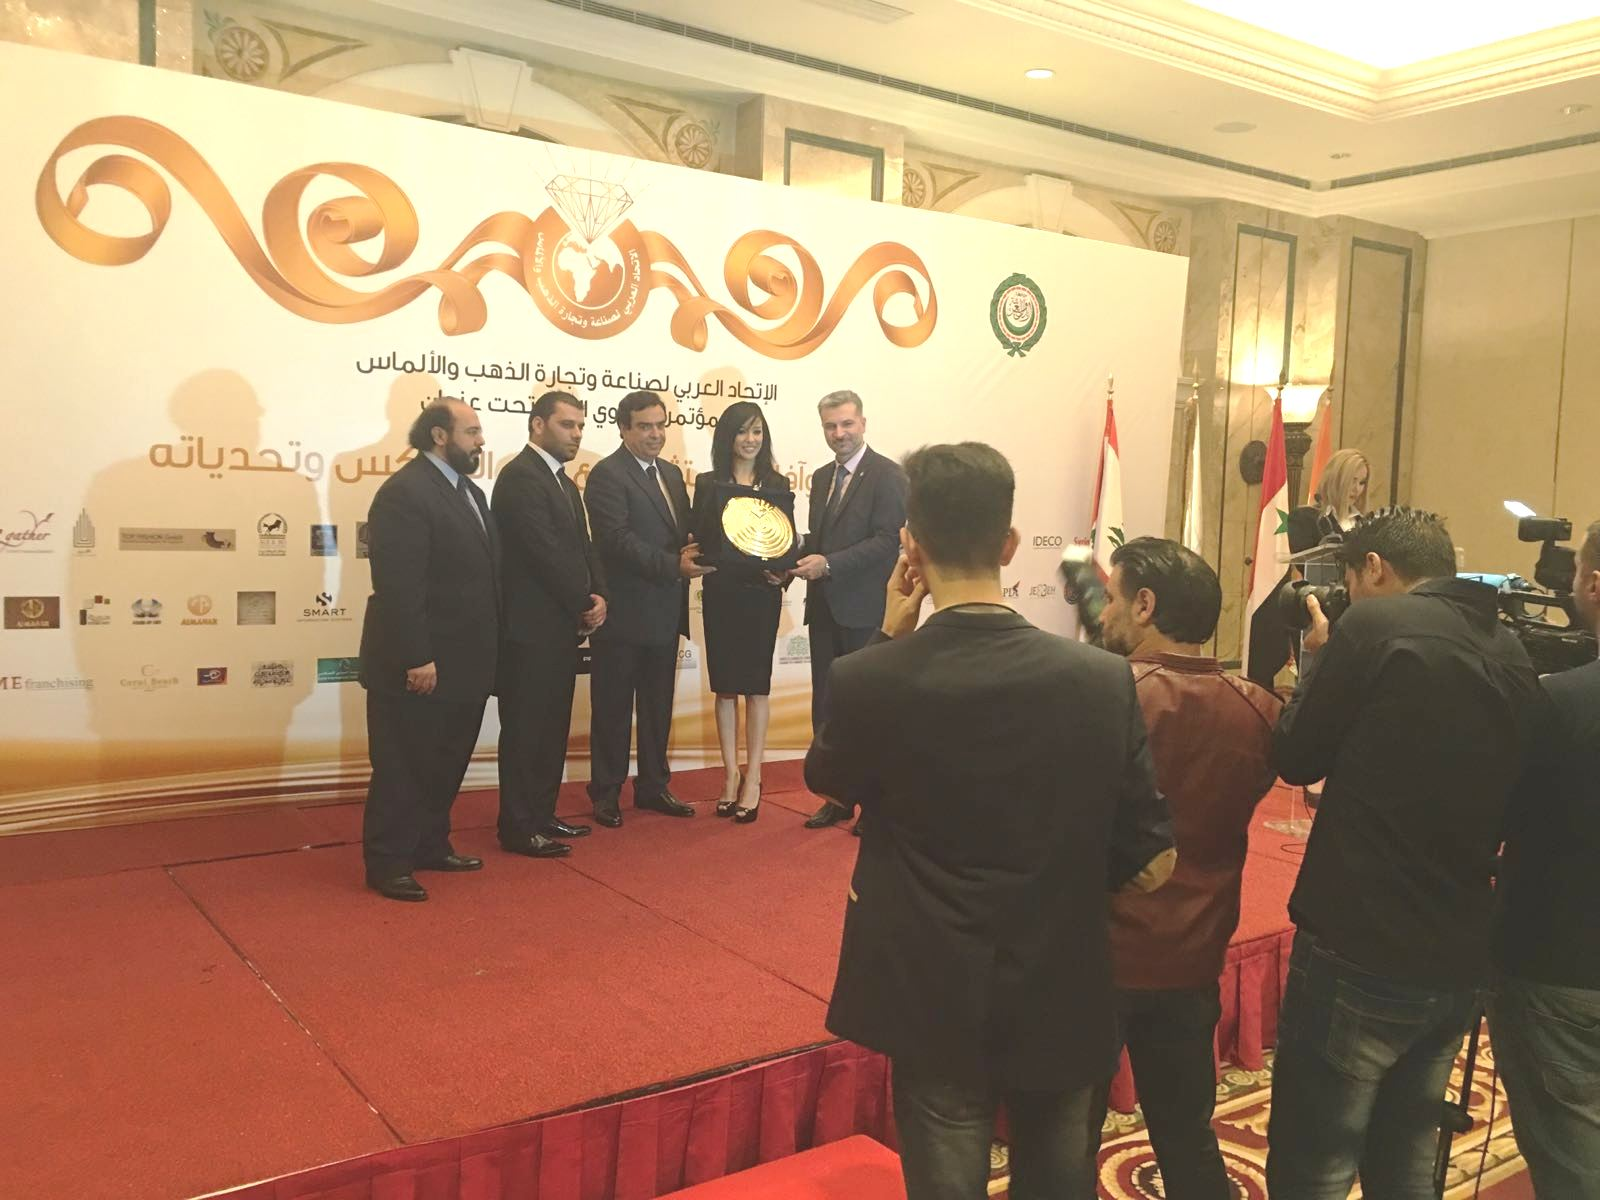 """Continua il rapporto di collaborazione per la solidarietà  Fenalc  e  """"The Arabic Union for the Industry and Commerce of Jewelries and Diamonds"""""""